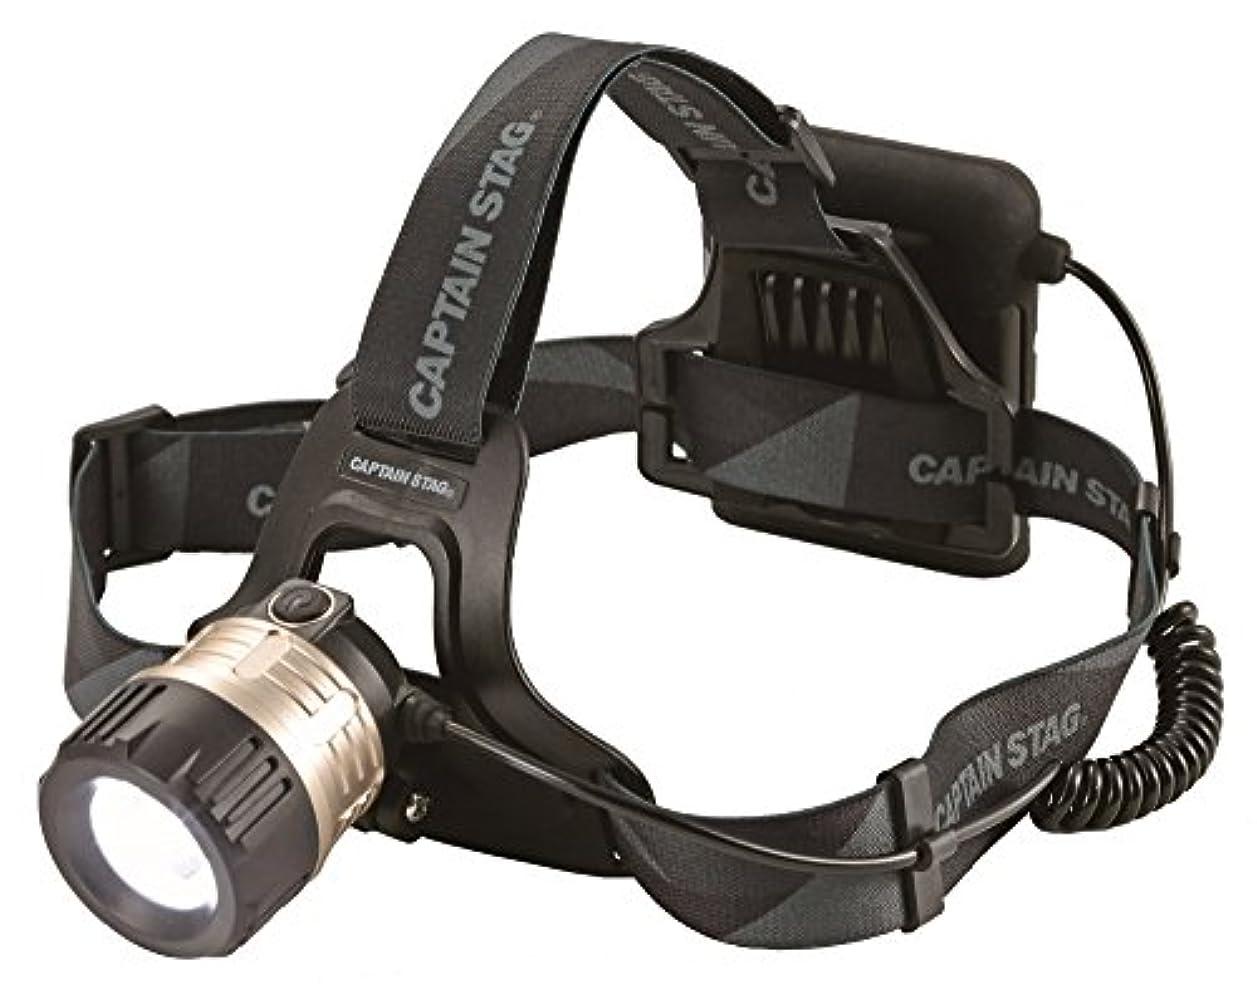 ありがたい壊れた池キャプテンスタッグ(CAPTAIN STAG) ヘッドライト 雷神 アルミパワーチップ型 LEDヘッドライト 5W-350 [ 明るさ400ルーメン / 連続点灯約4.5時間(High) / 連続点灯約12時間(Low) ] UK-4029